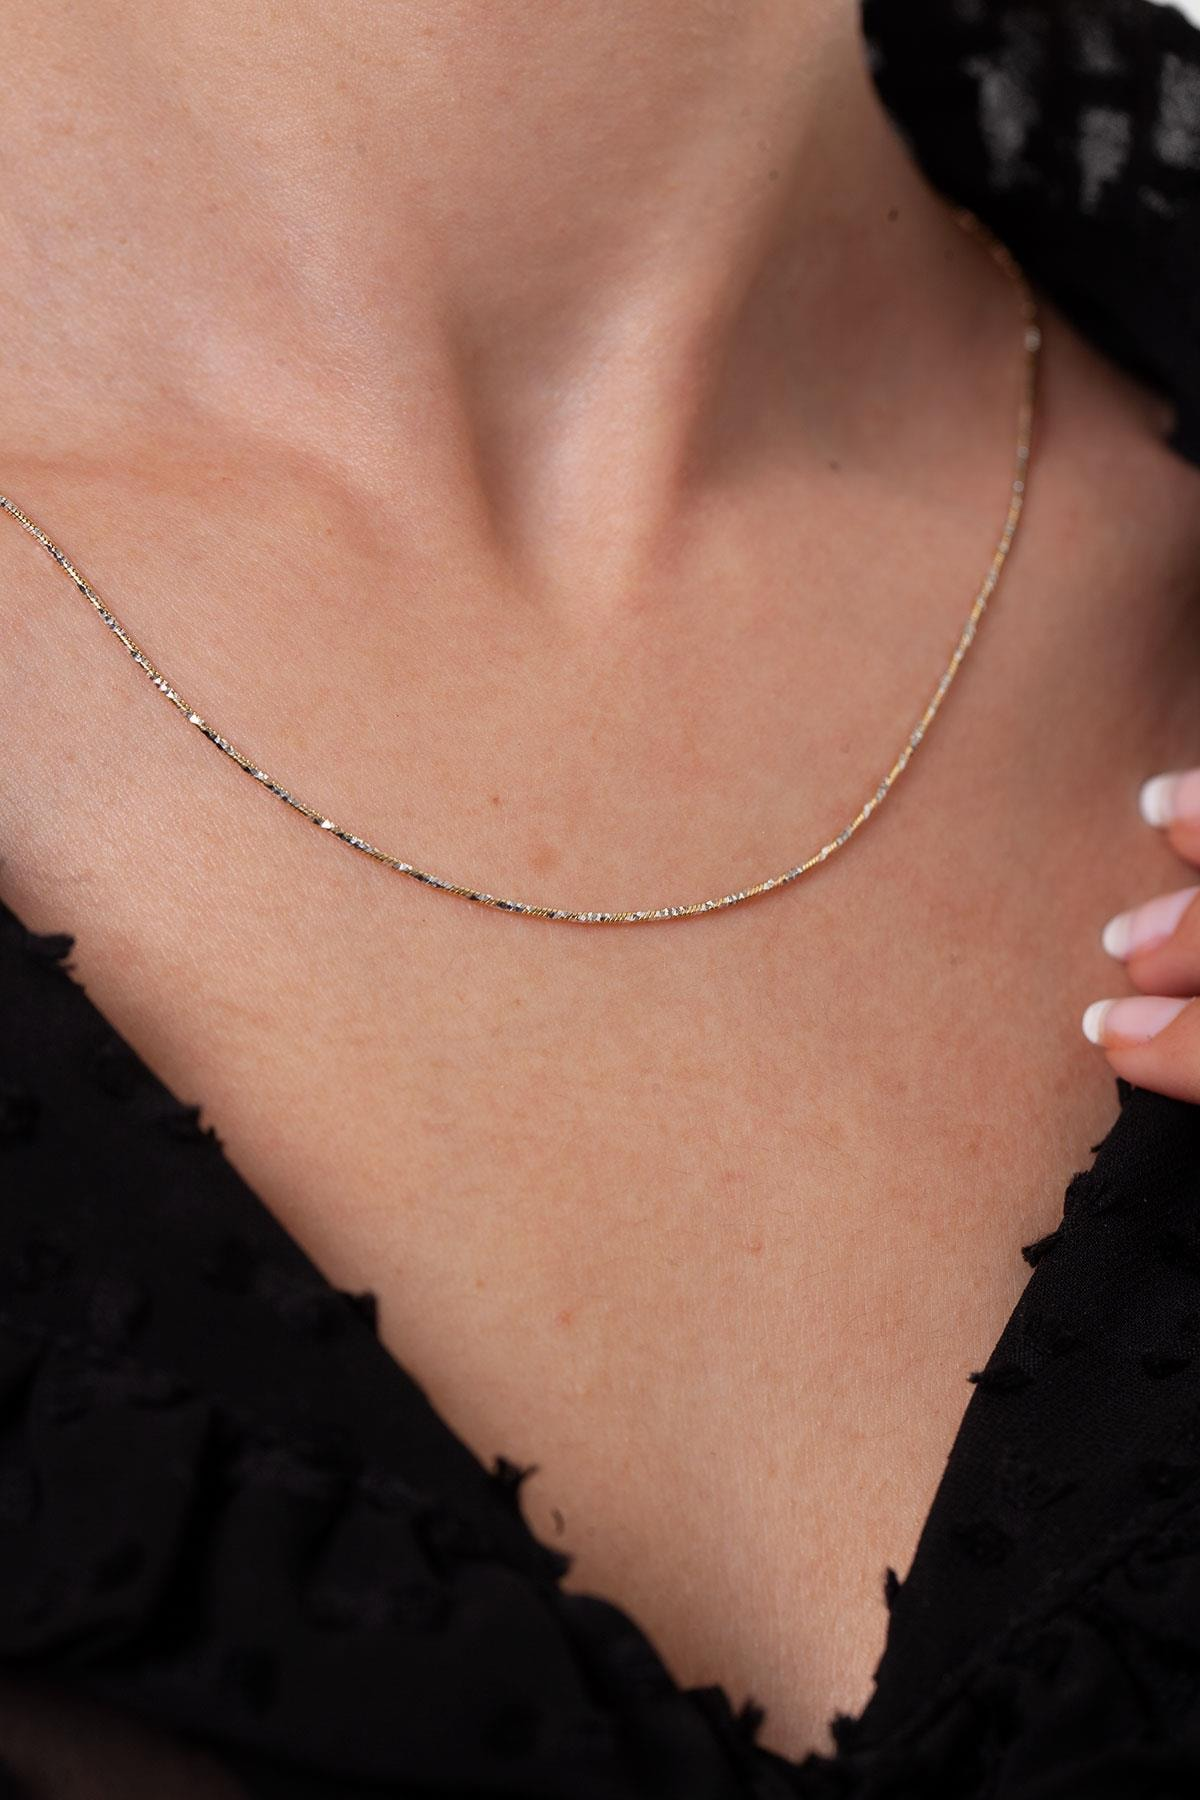 Ninova Silver Kadın Altın Kaplama Gümüş İtalyan Zincir Kolye NNVSLVR02909